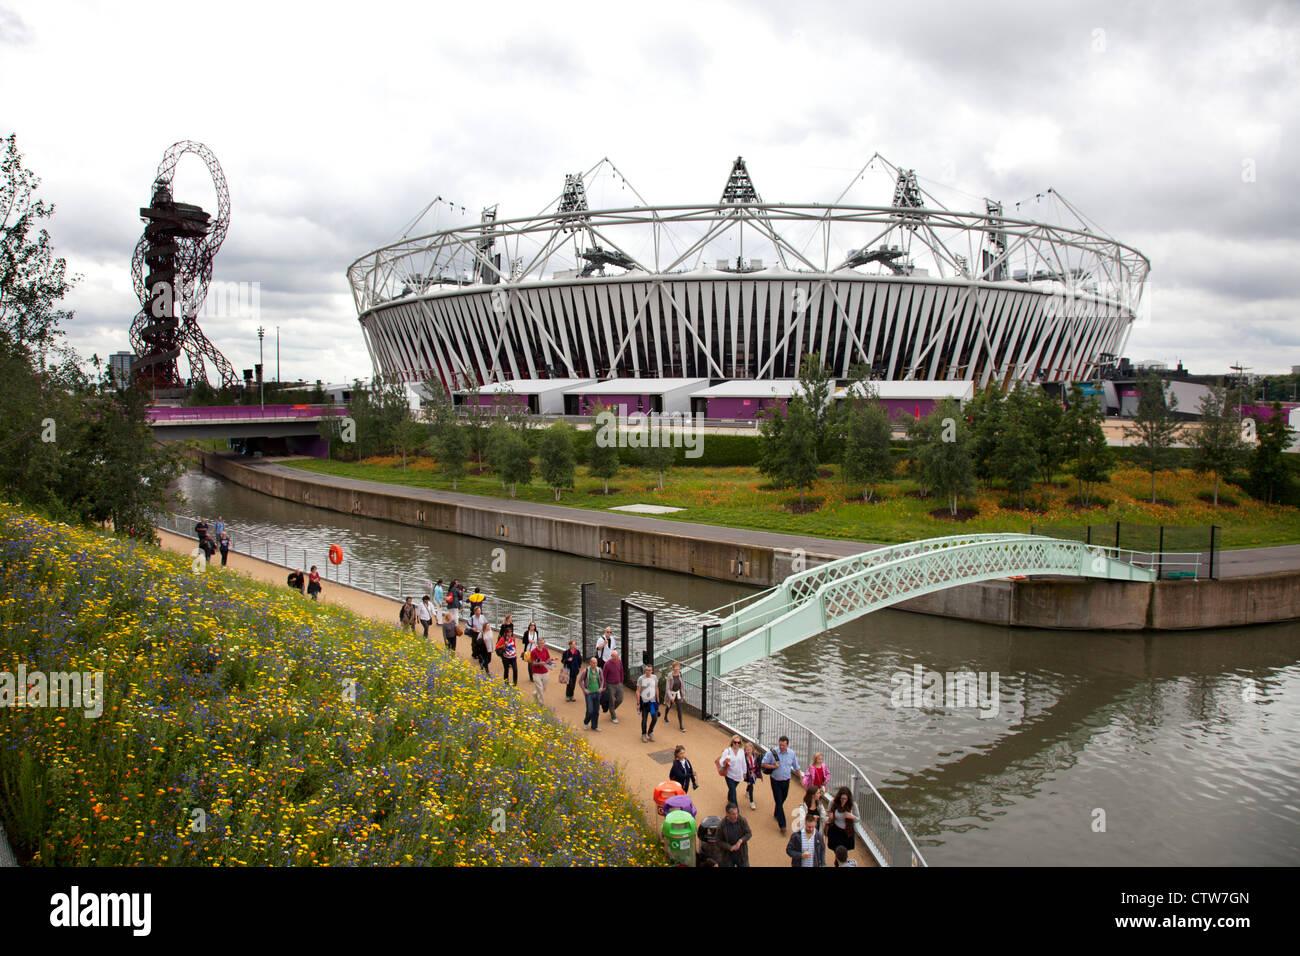 Le Parc olympique de Londres 2012 à Stratford. Le site est un beau paysage avec des jardins de fleurs sauvages tout en fleurs. Banque D'Images